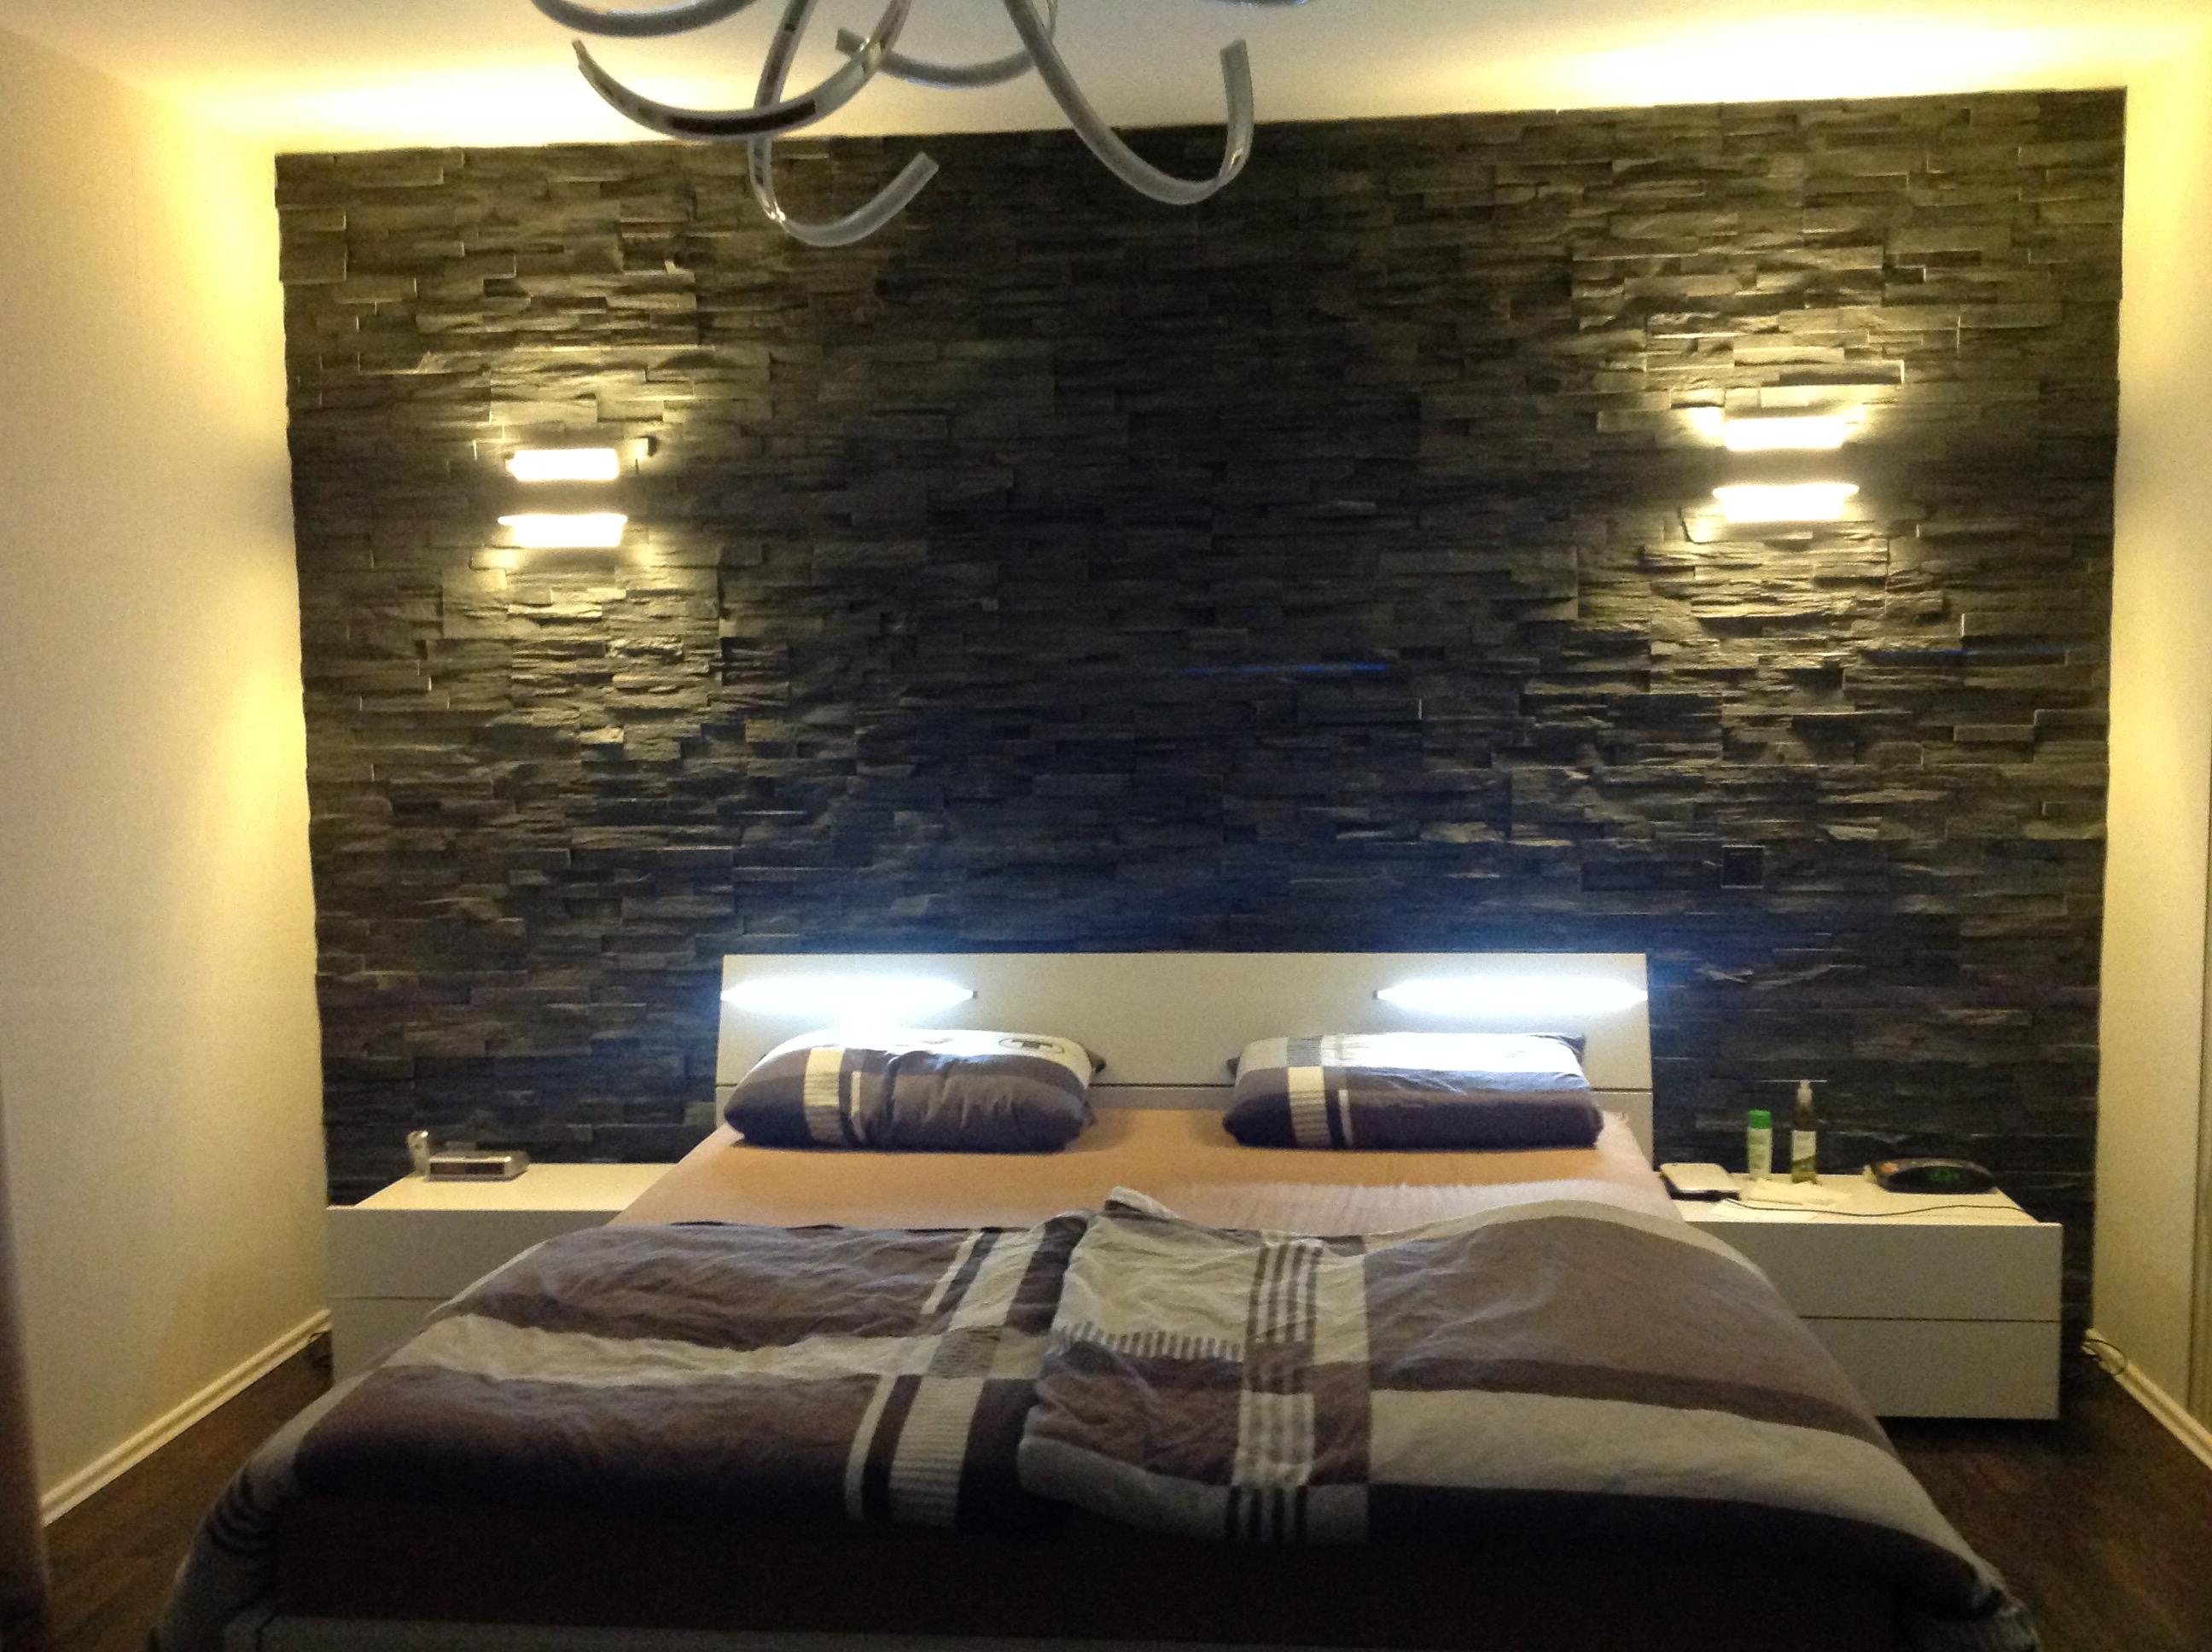 wand hinter ofen gestalten verblender hinter kamin ideas about verblendsteine on wand hinter. Black Bedroom Furniture Sets. Home Design Ideas